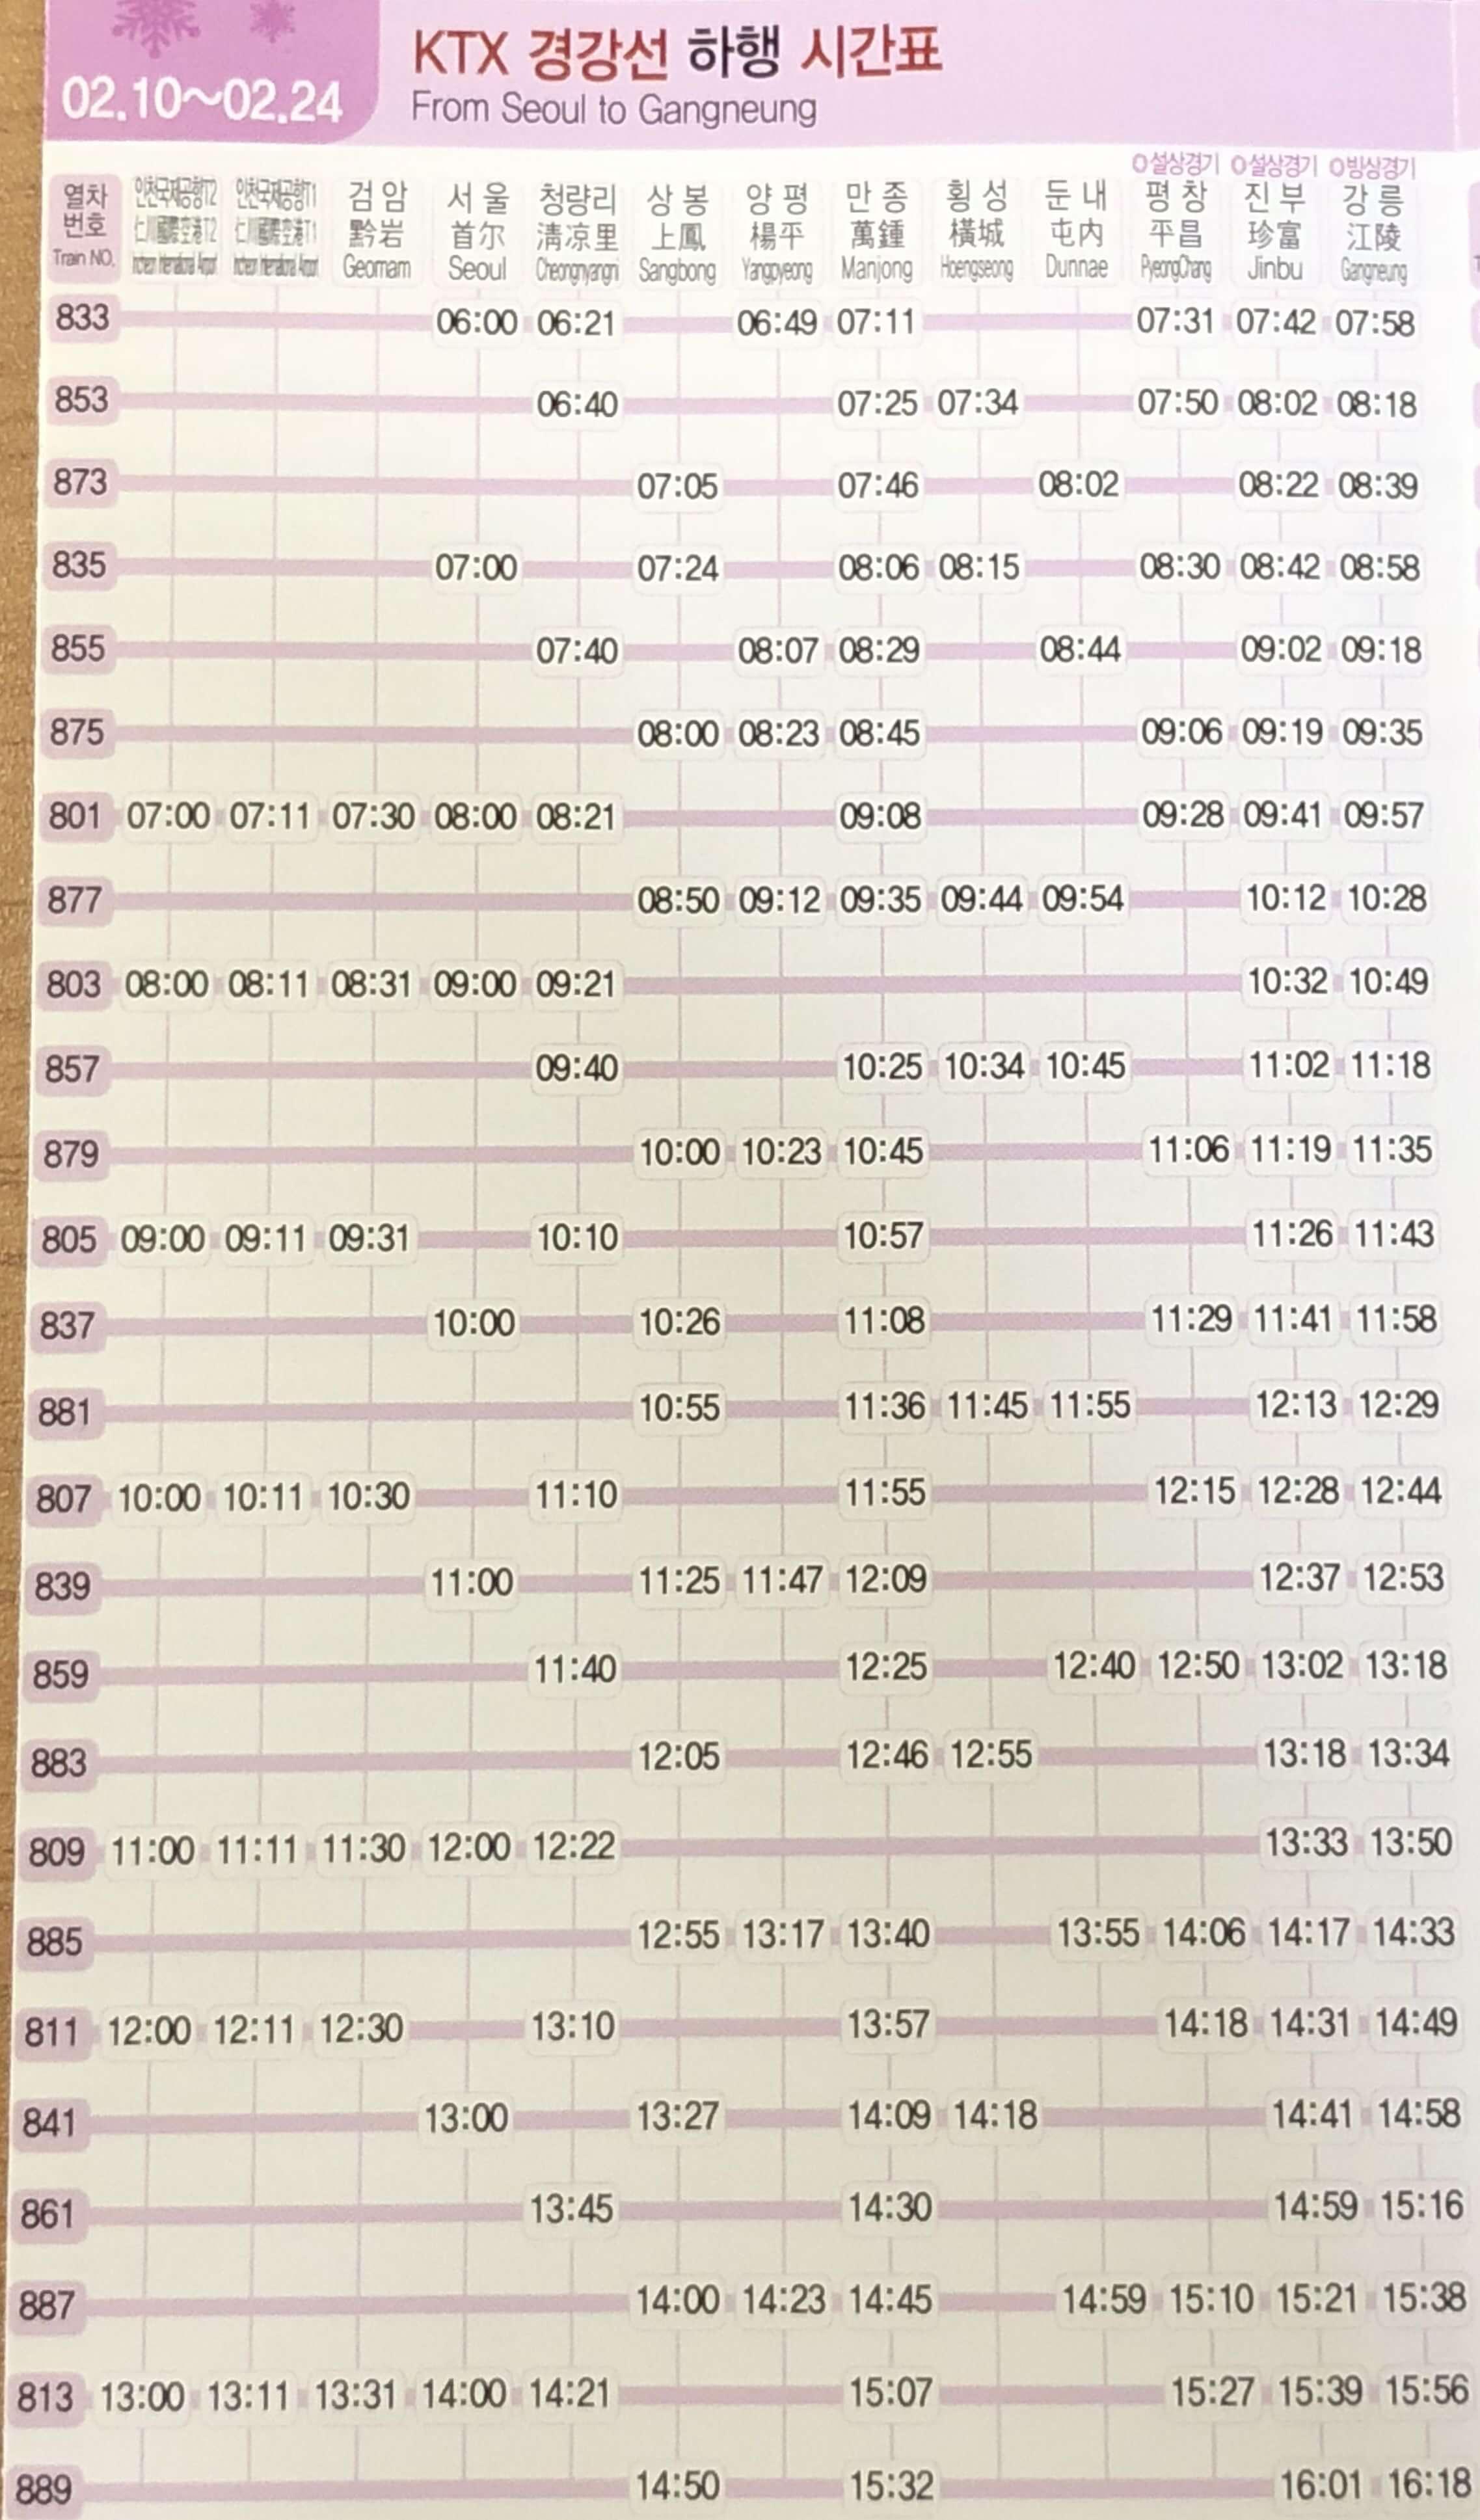 ソウルから江陵(カンヌン)のKTXの時刻表(2月10日~2月24日)1